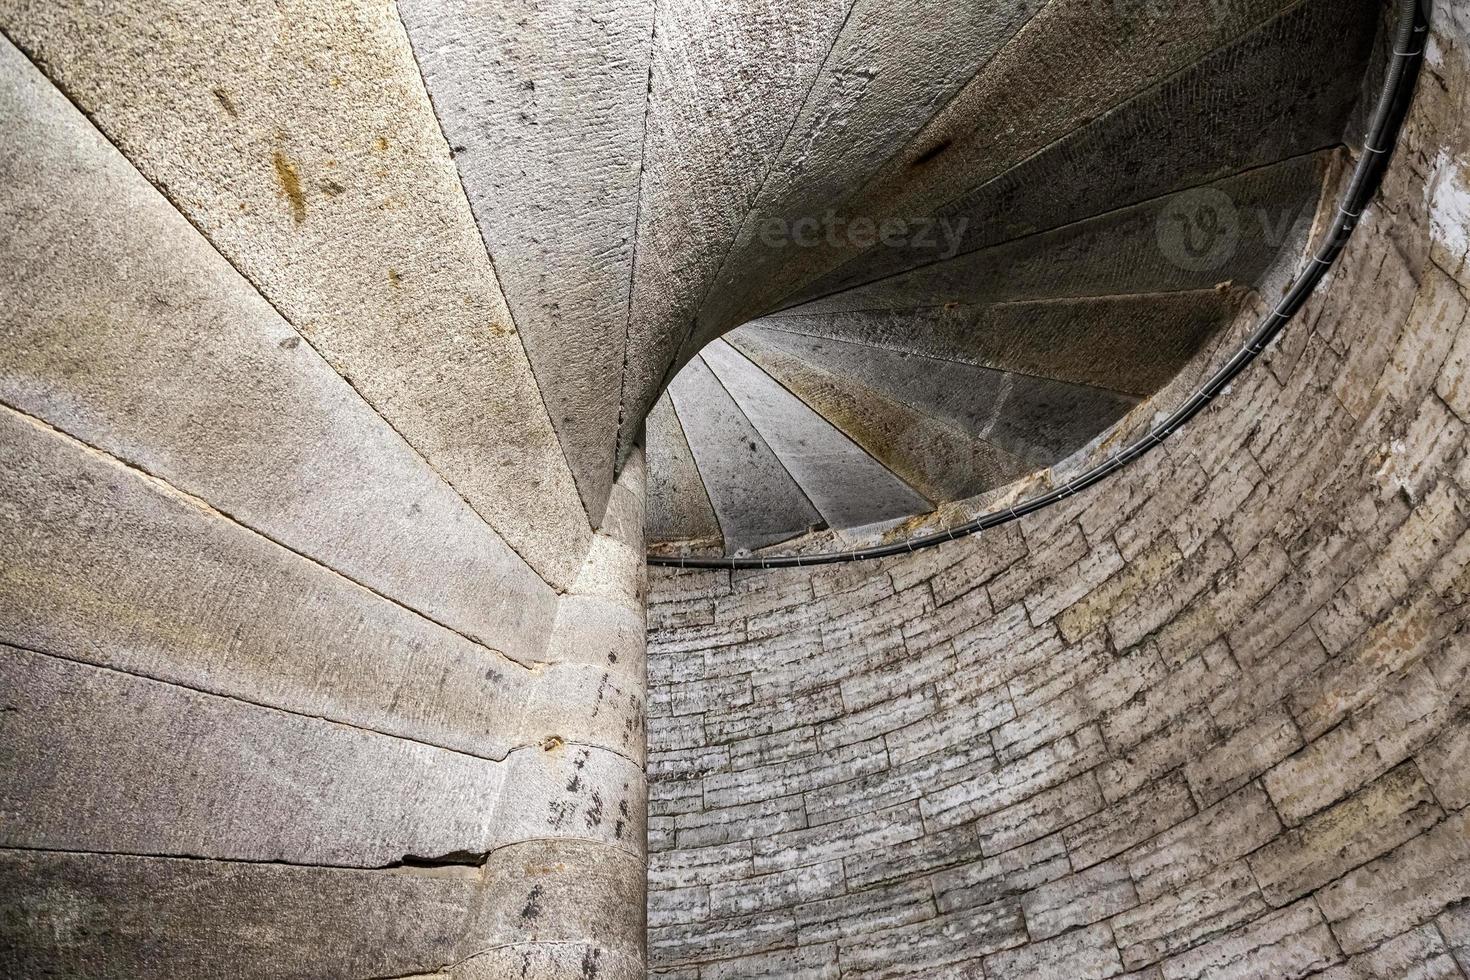 detalhe de uma escada em espiral de pedra em um antigo castelo foto